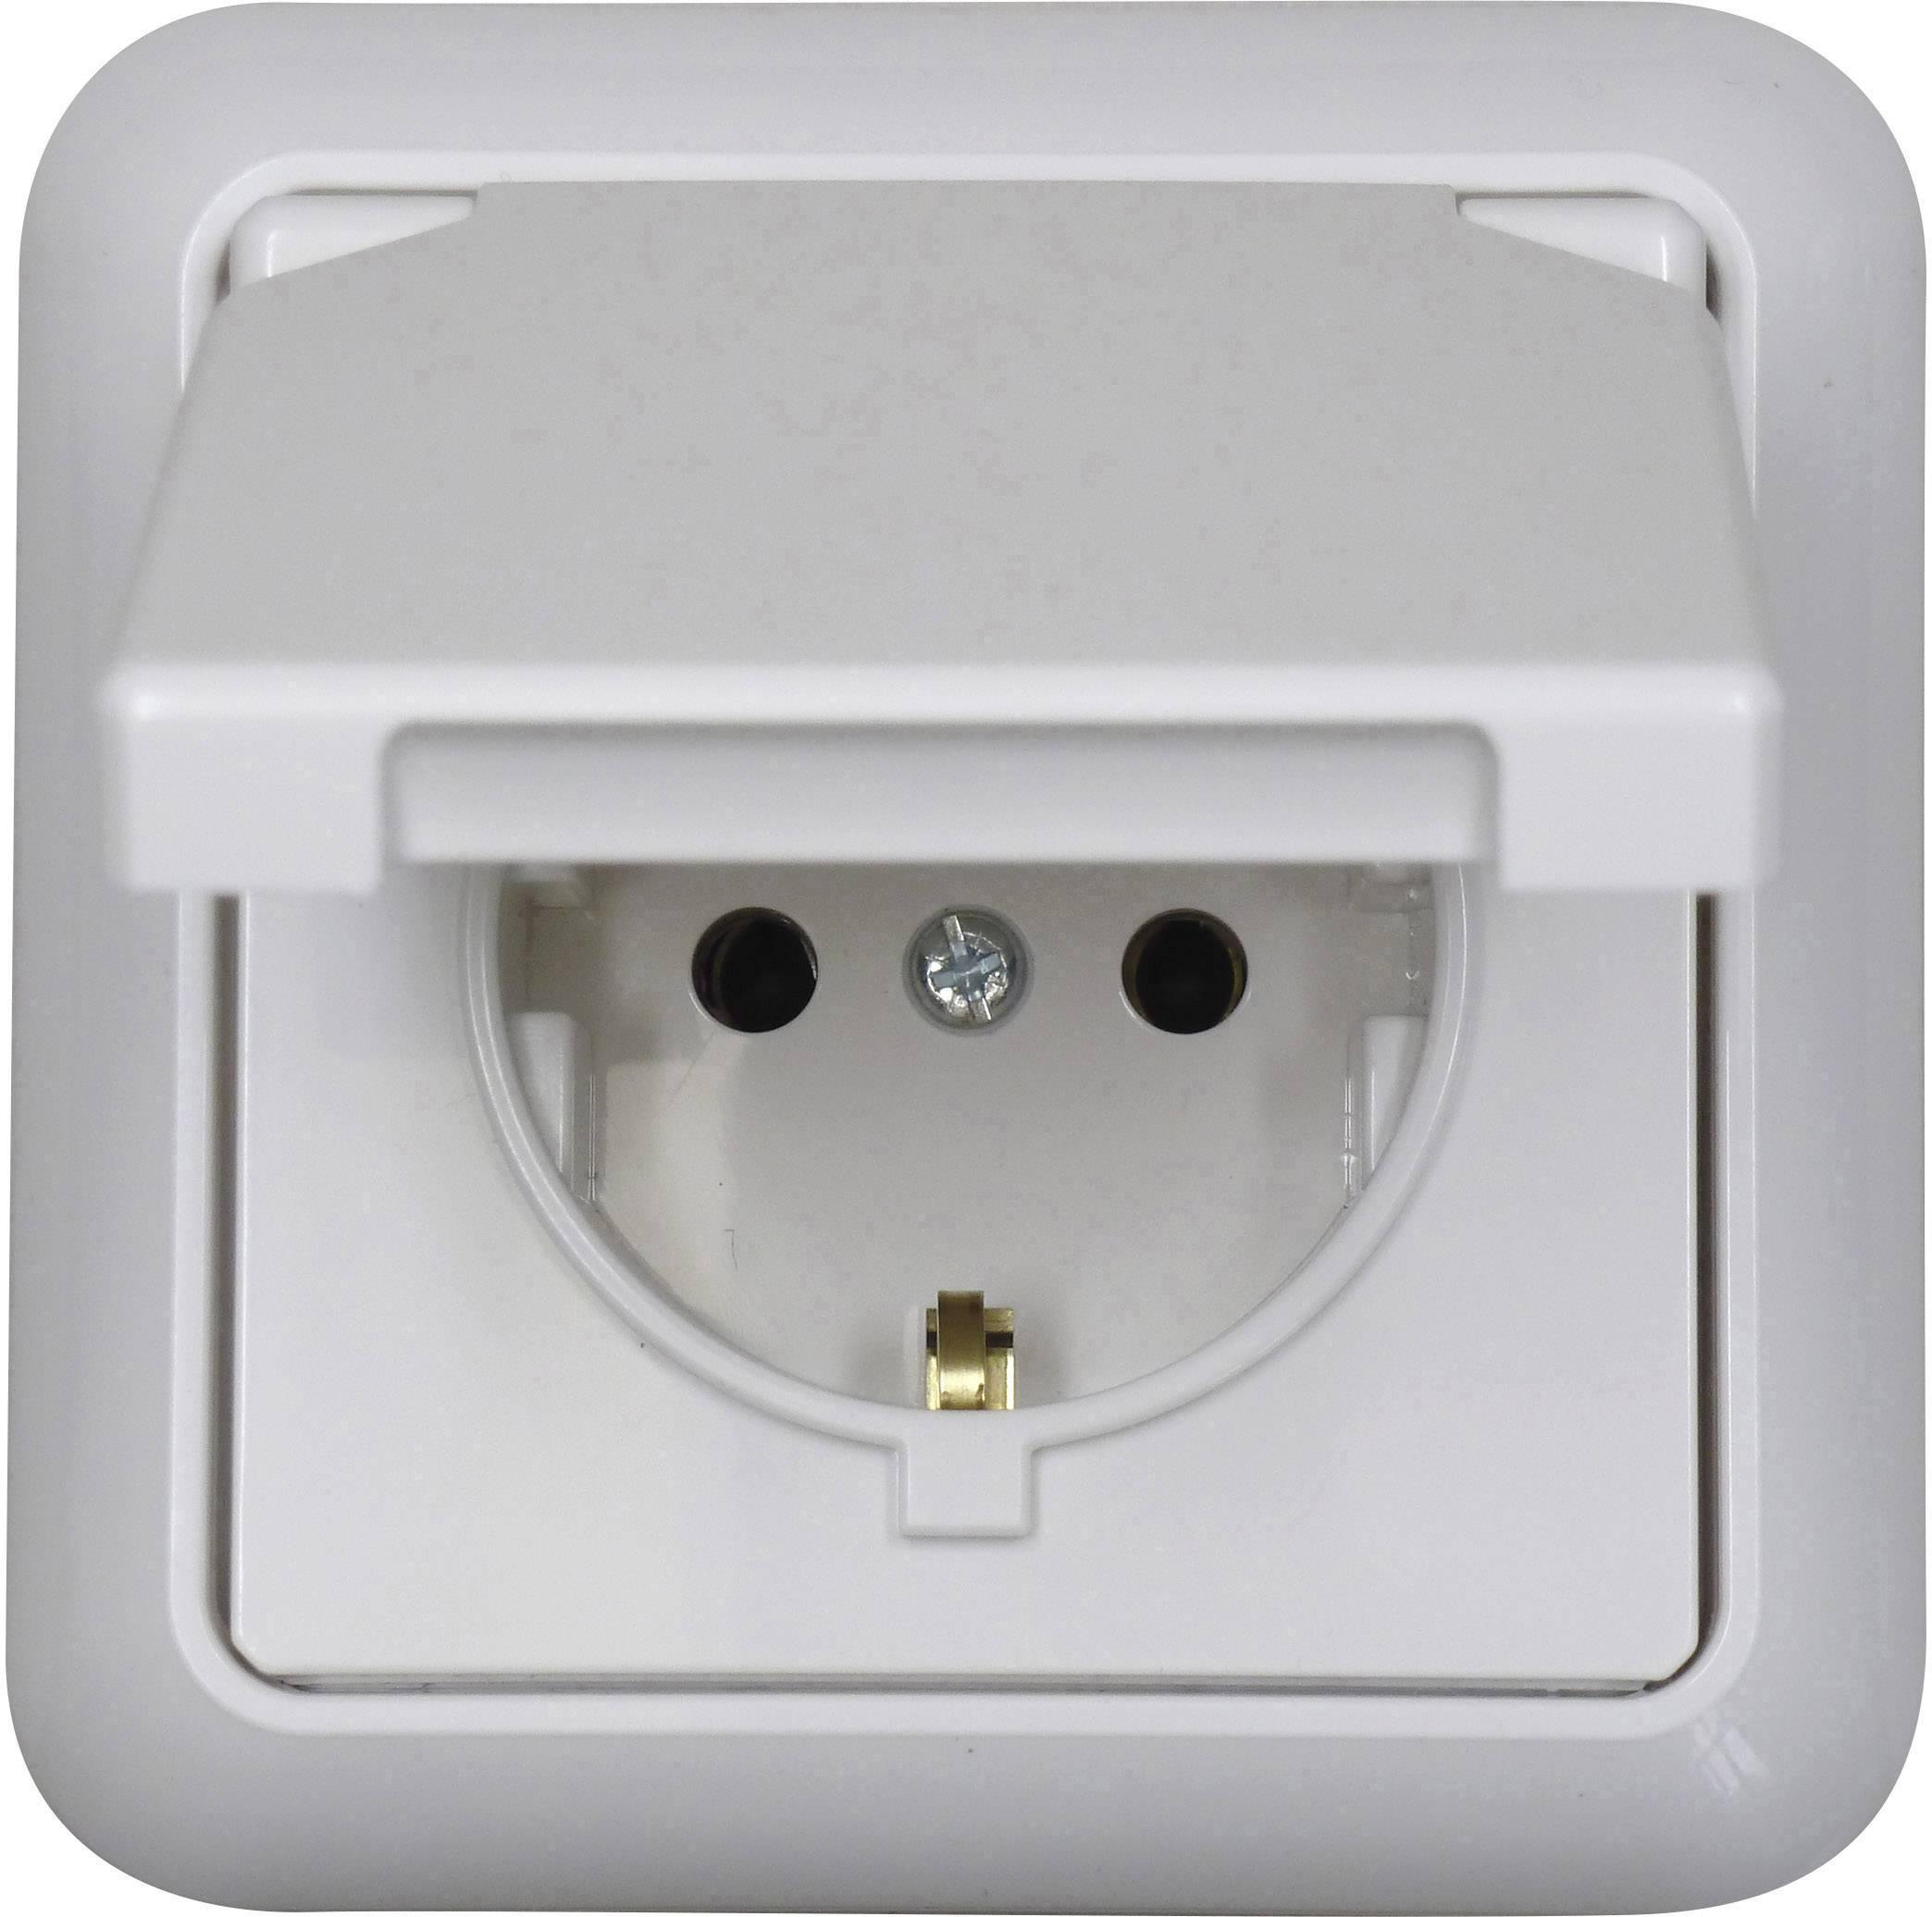 Vodotesná zásuvka pod omietku, 230 V/AC, 10/16 A, IP44, biela